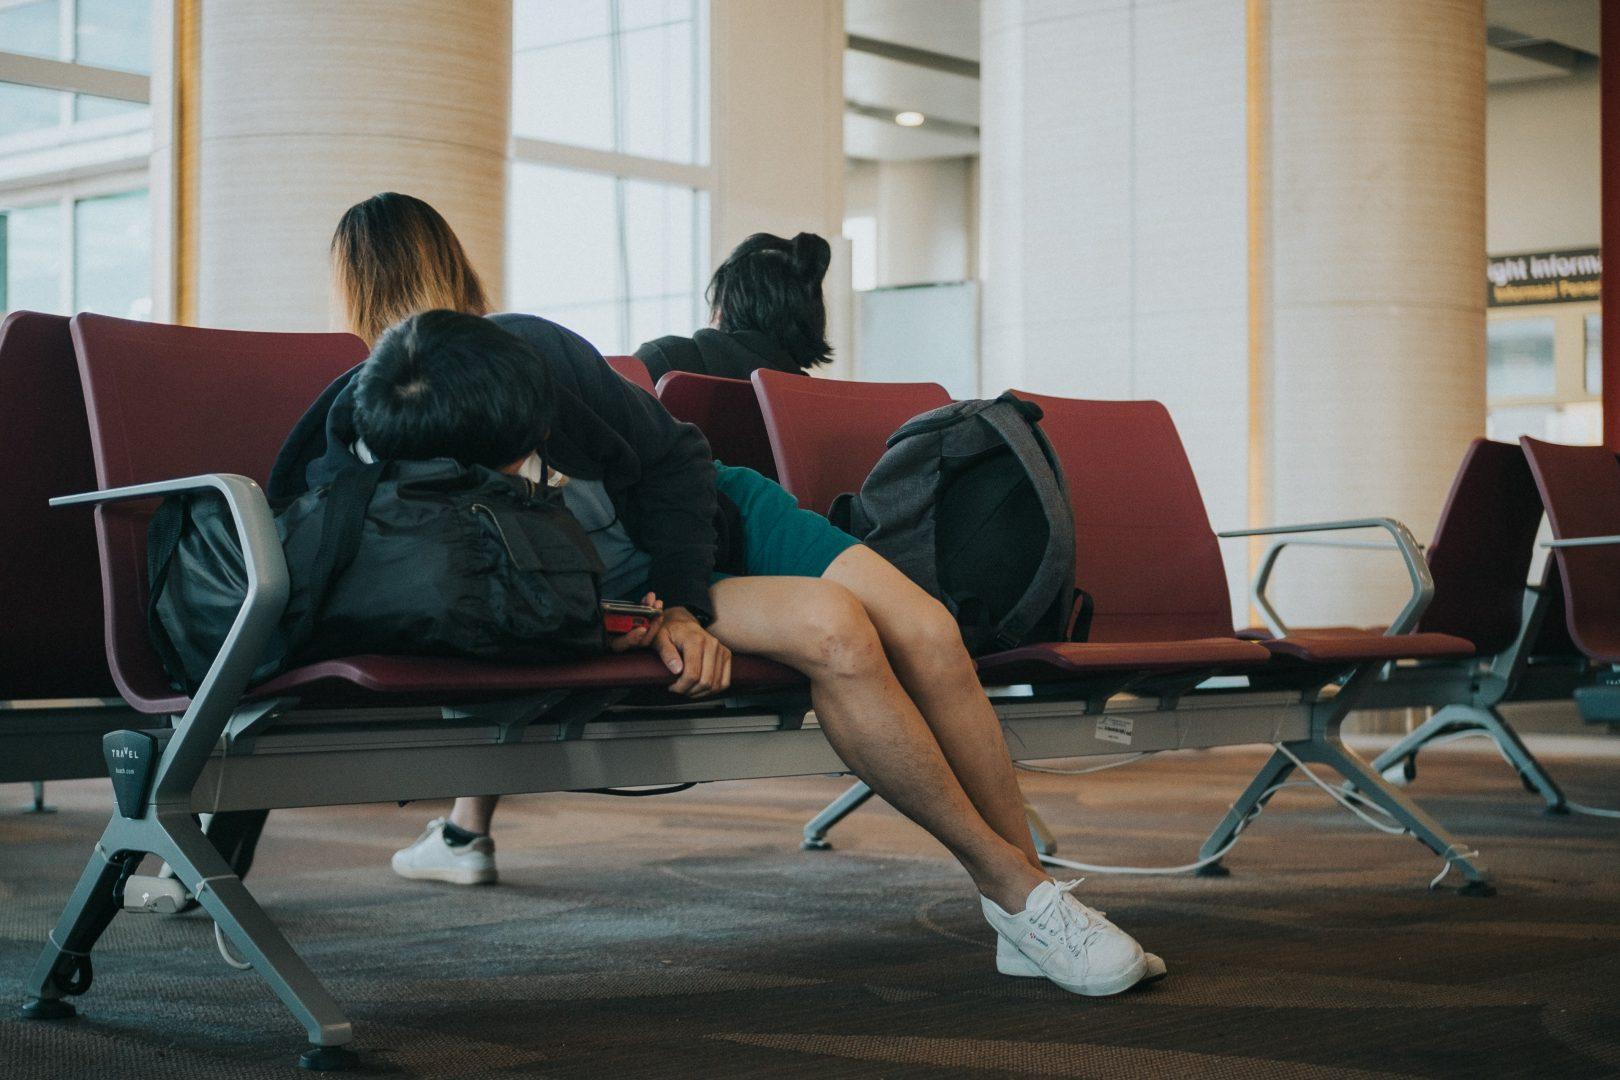 slapen-vliegveld-jetlag